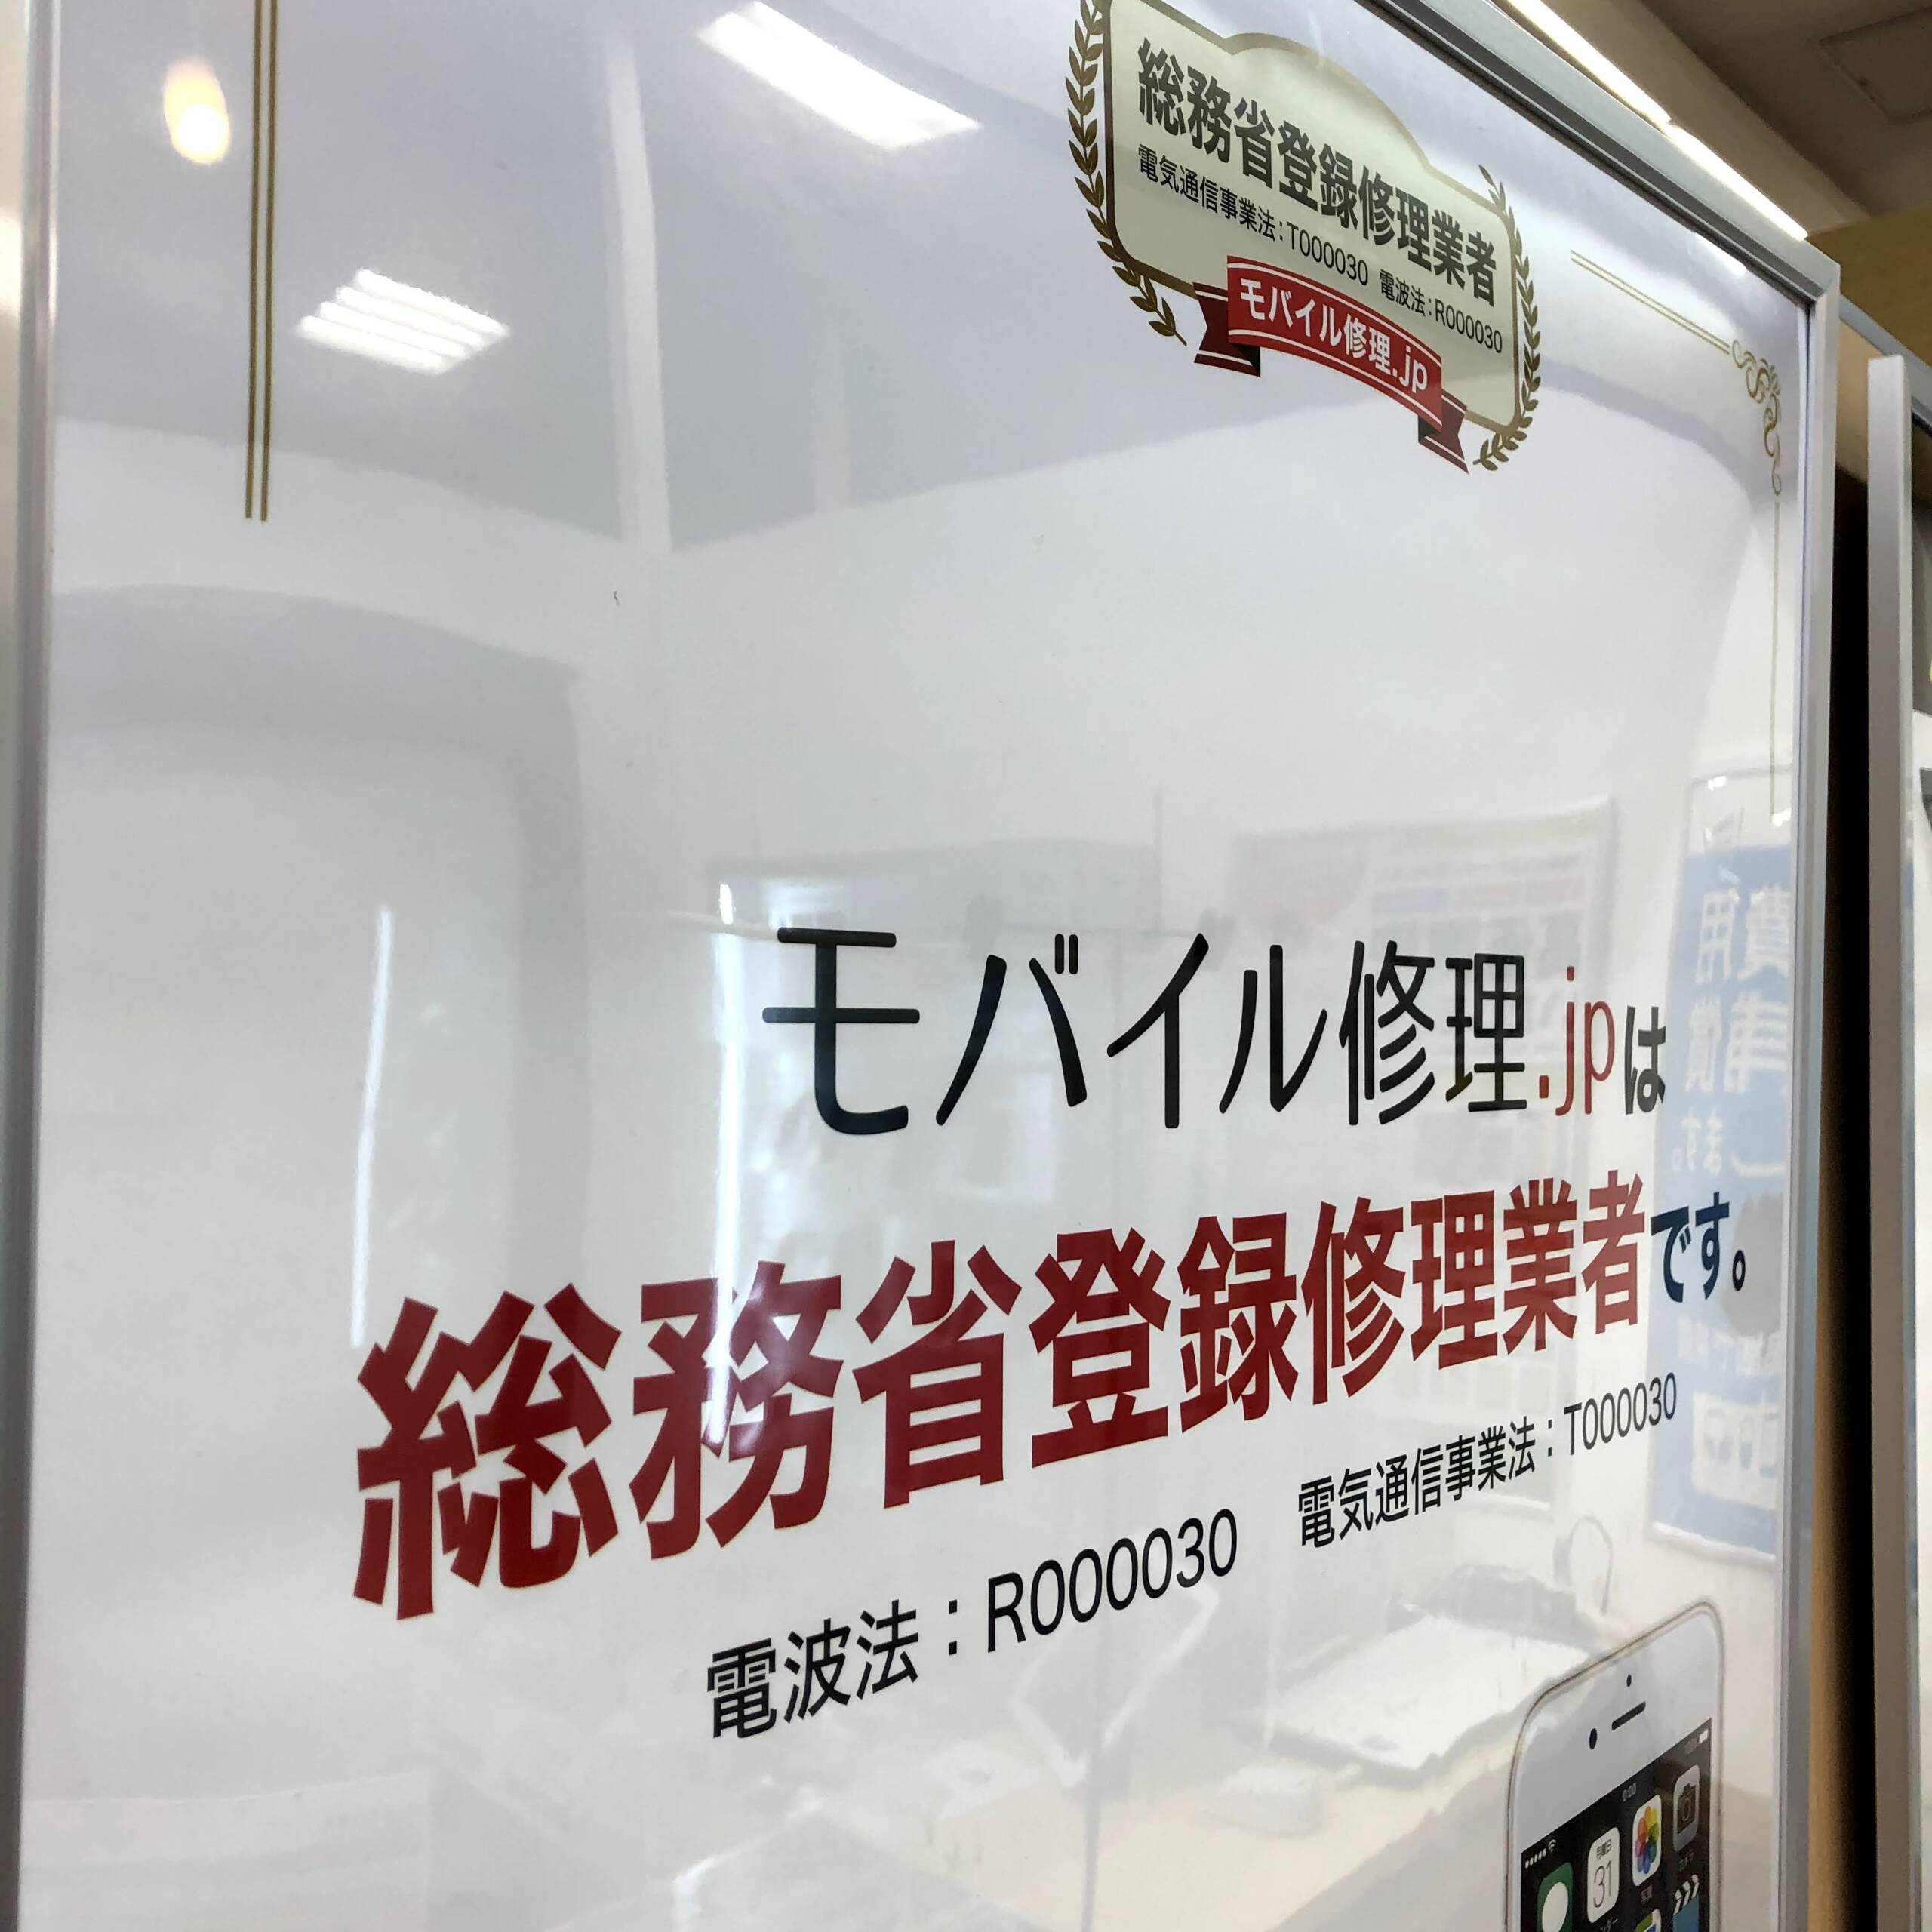 当店は総務省登録修理業者です